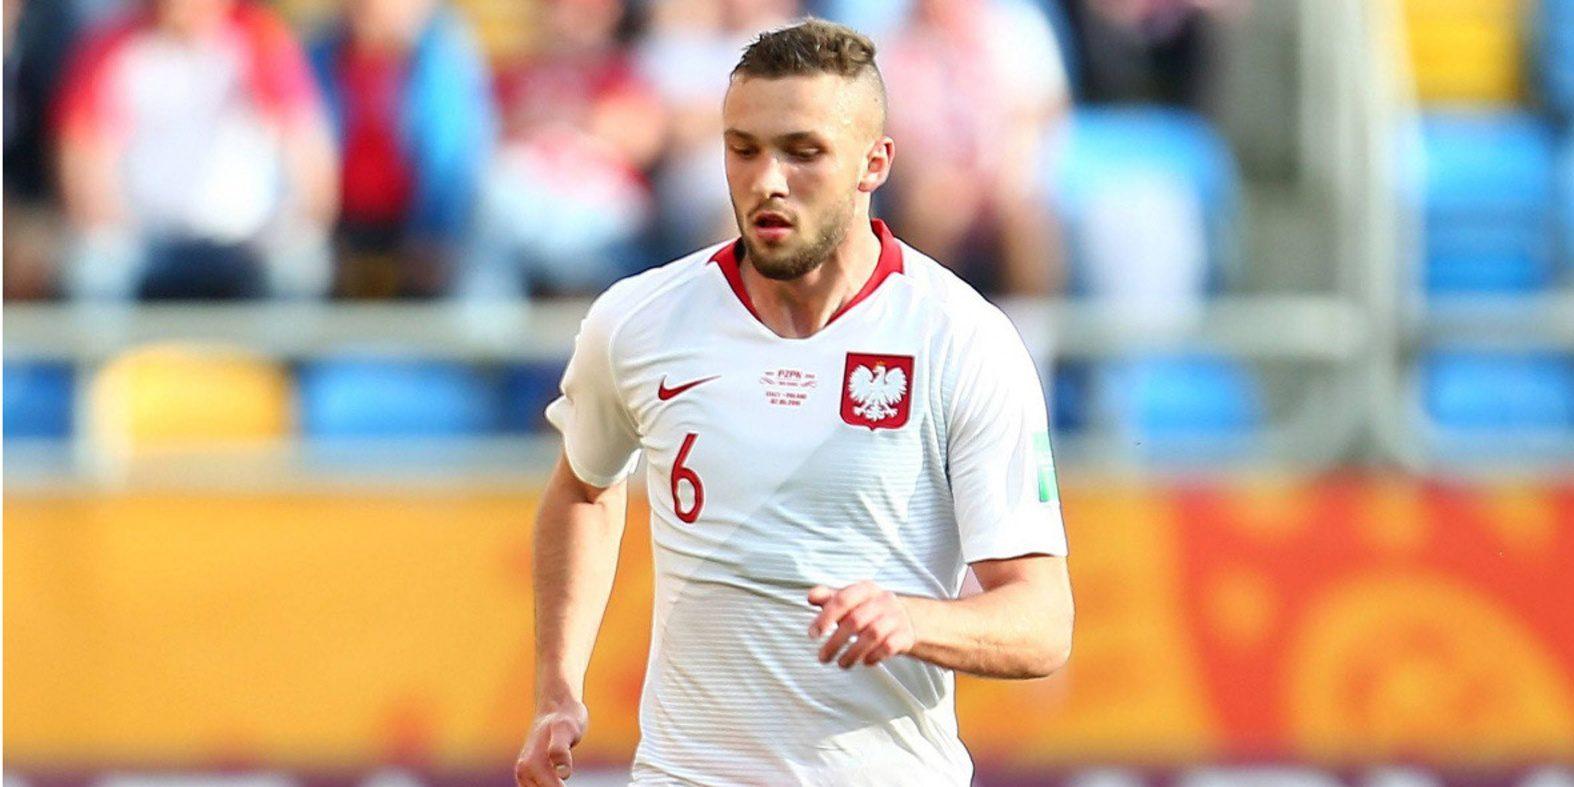 Sensacyjne doniesienia mediów. Młody Polak blisko podpisania kontraktu z gigantem!